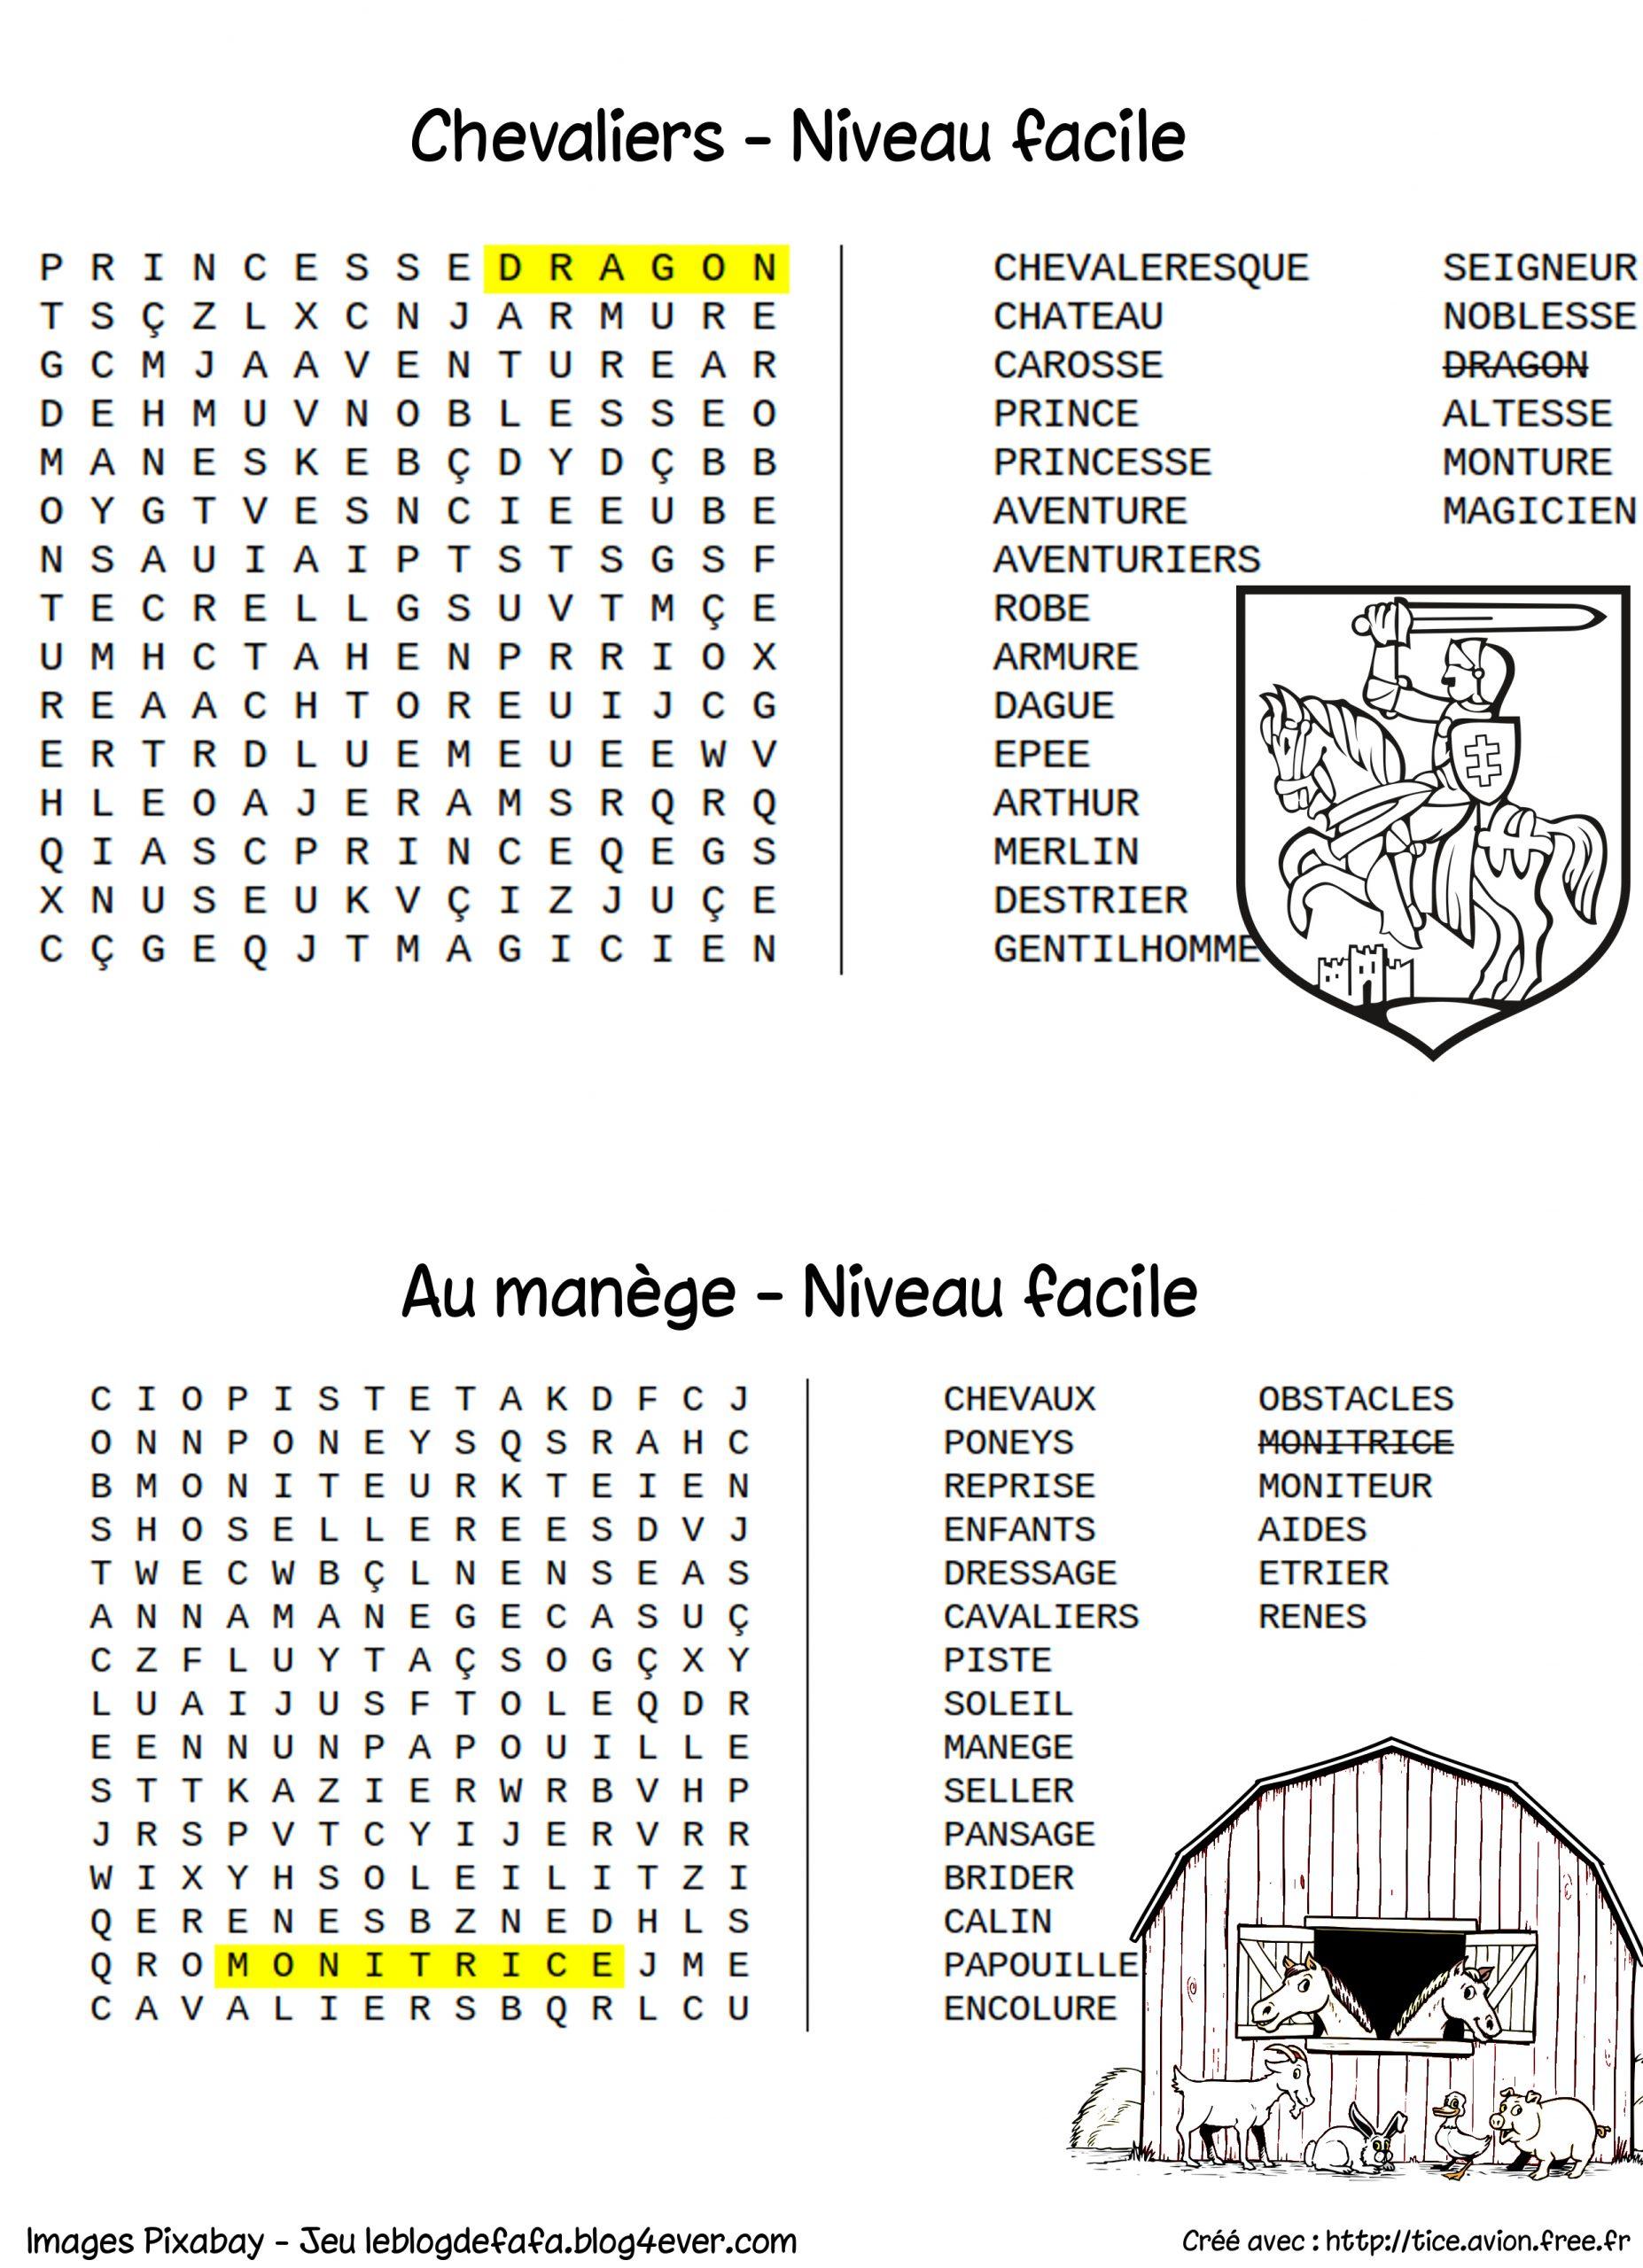 Mots Mêlés Gratuits À Imprimer Cheval Et Équitation (Nouveau dedans Grille Mots Mélés A Imprimer